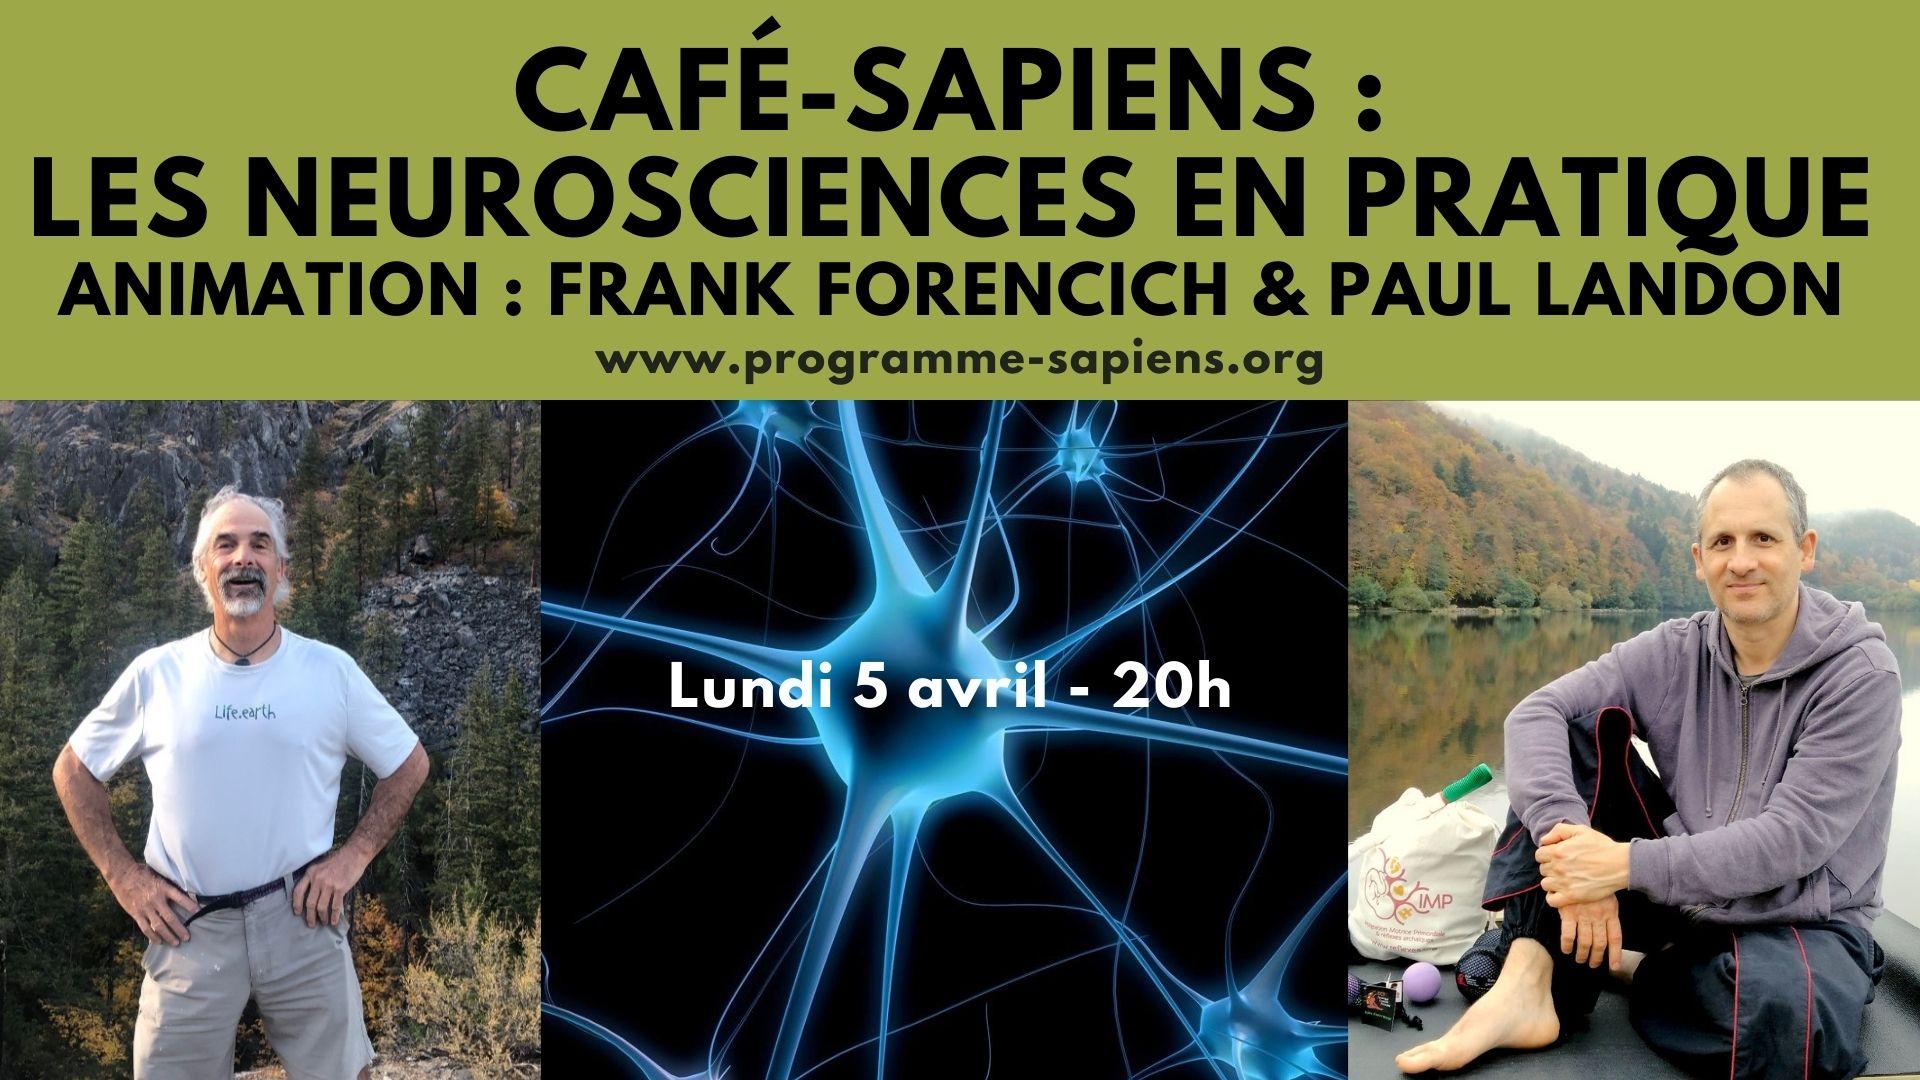 Les neurosciences en pratique